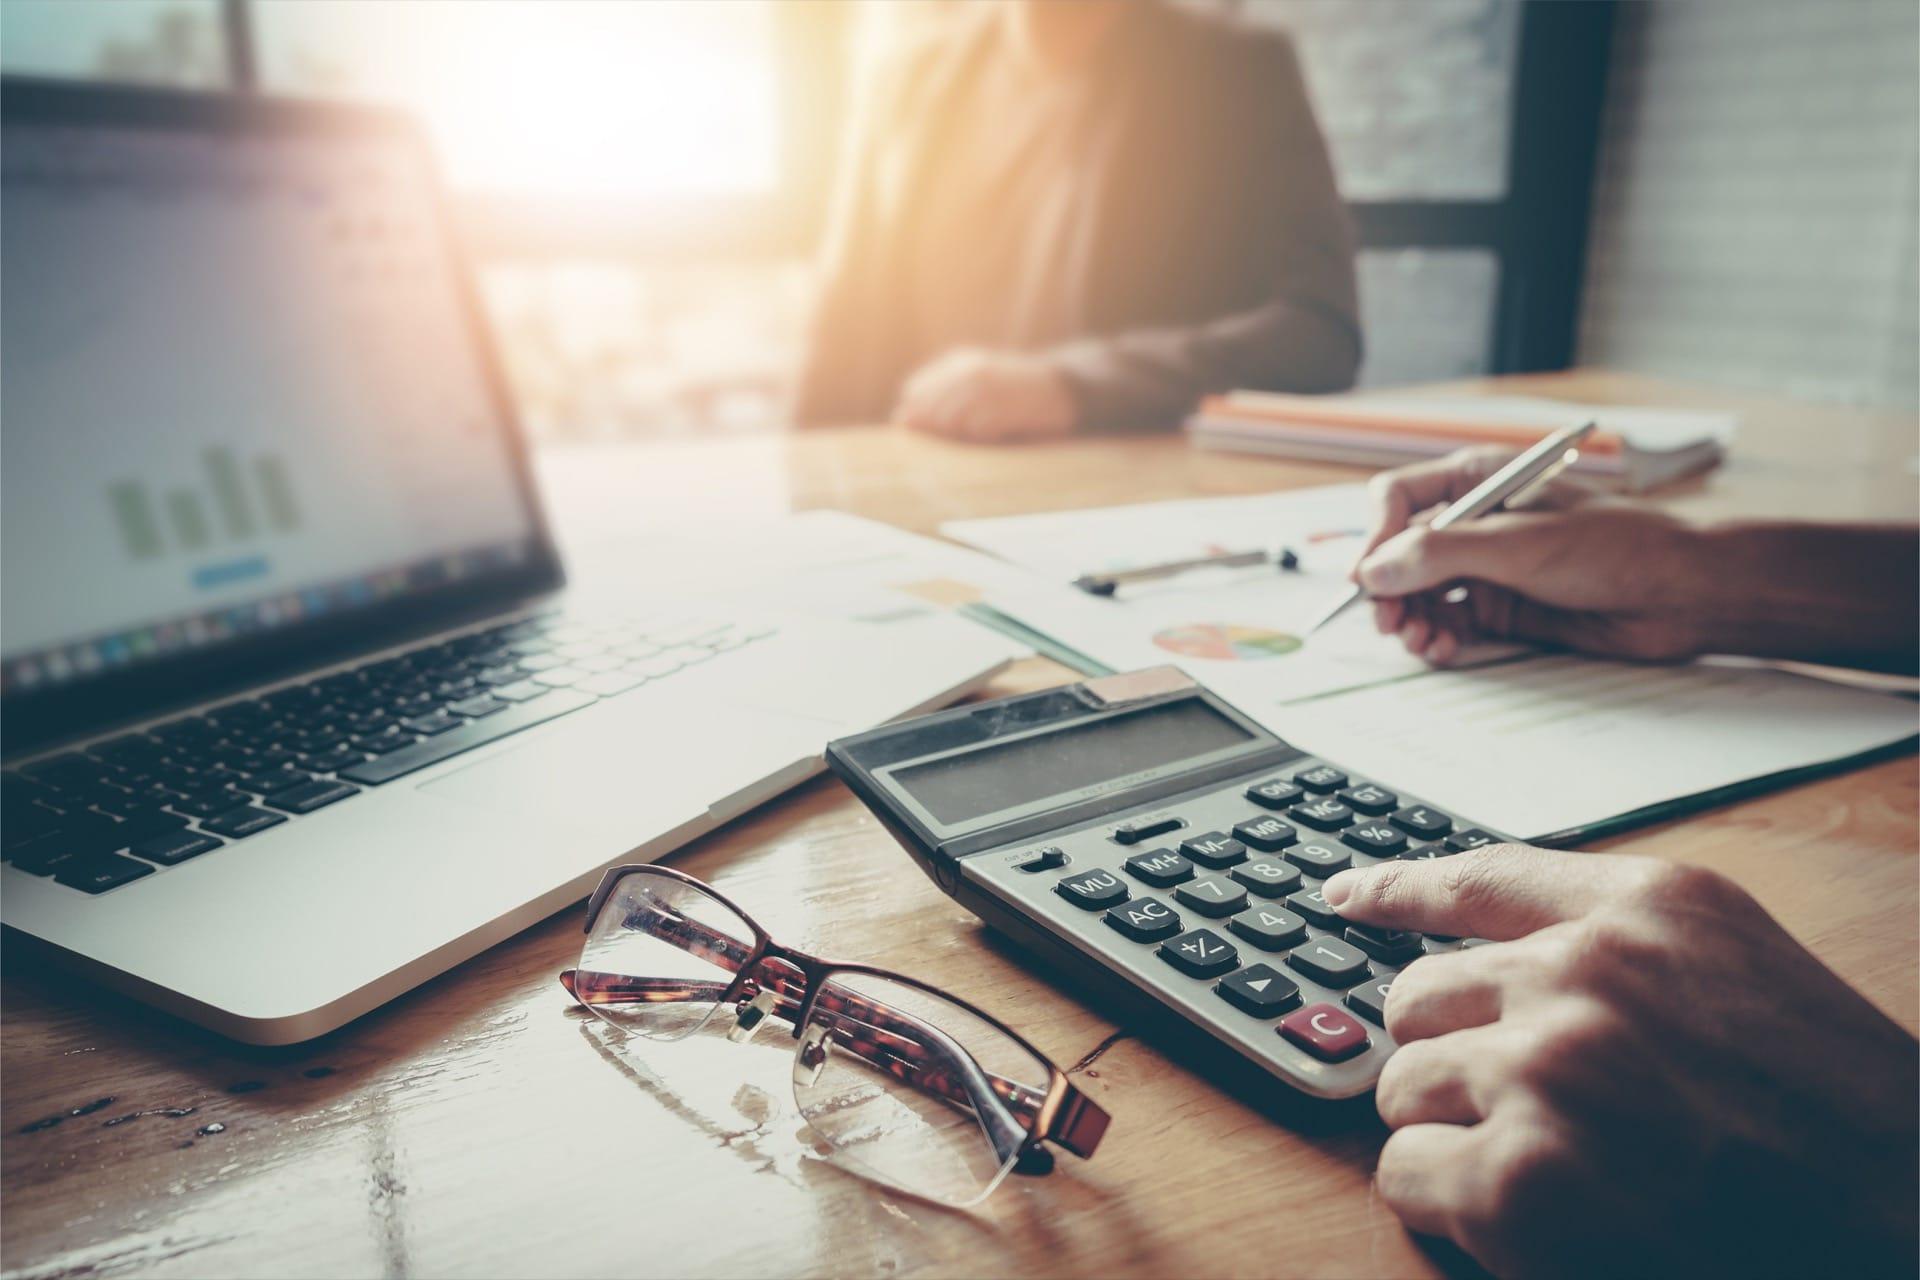 Impôt sur la fortune immobilière (IFI). Dans l'attente des décrets d'application et précisions administratives